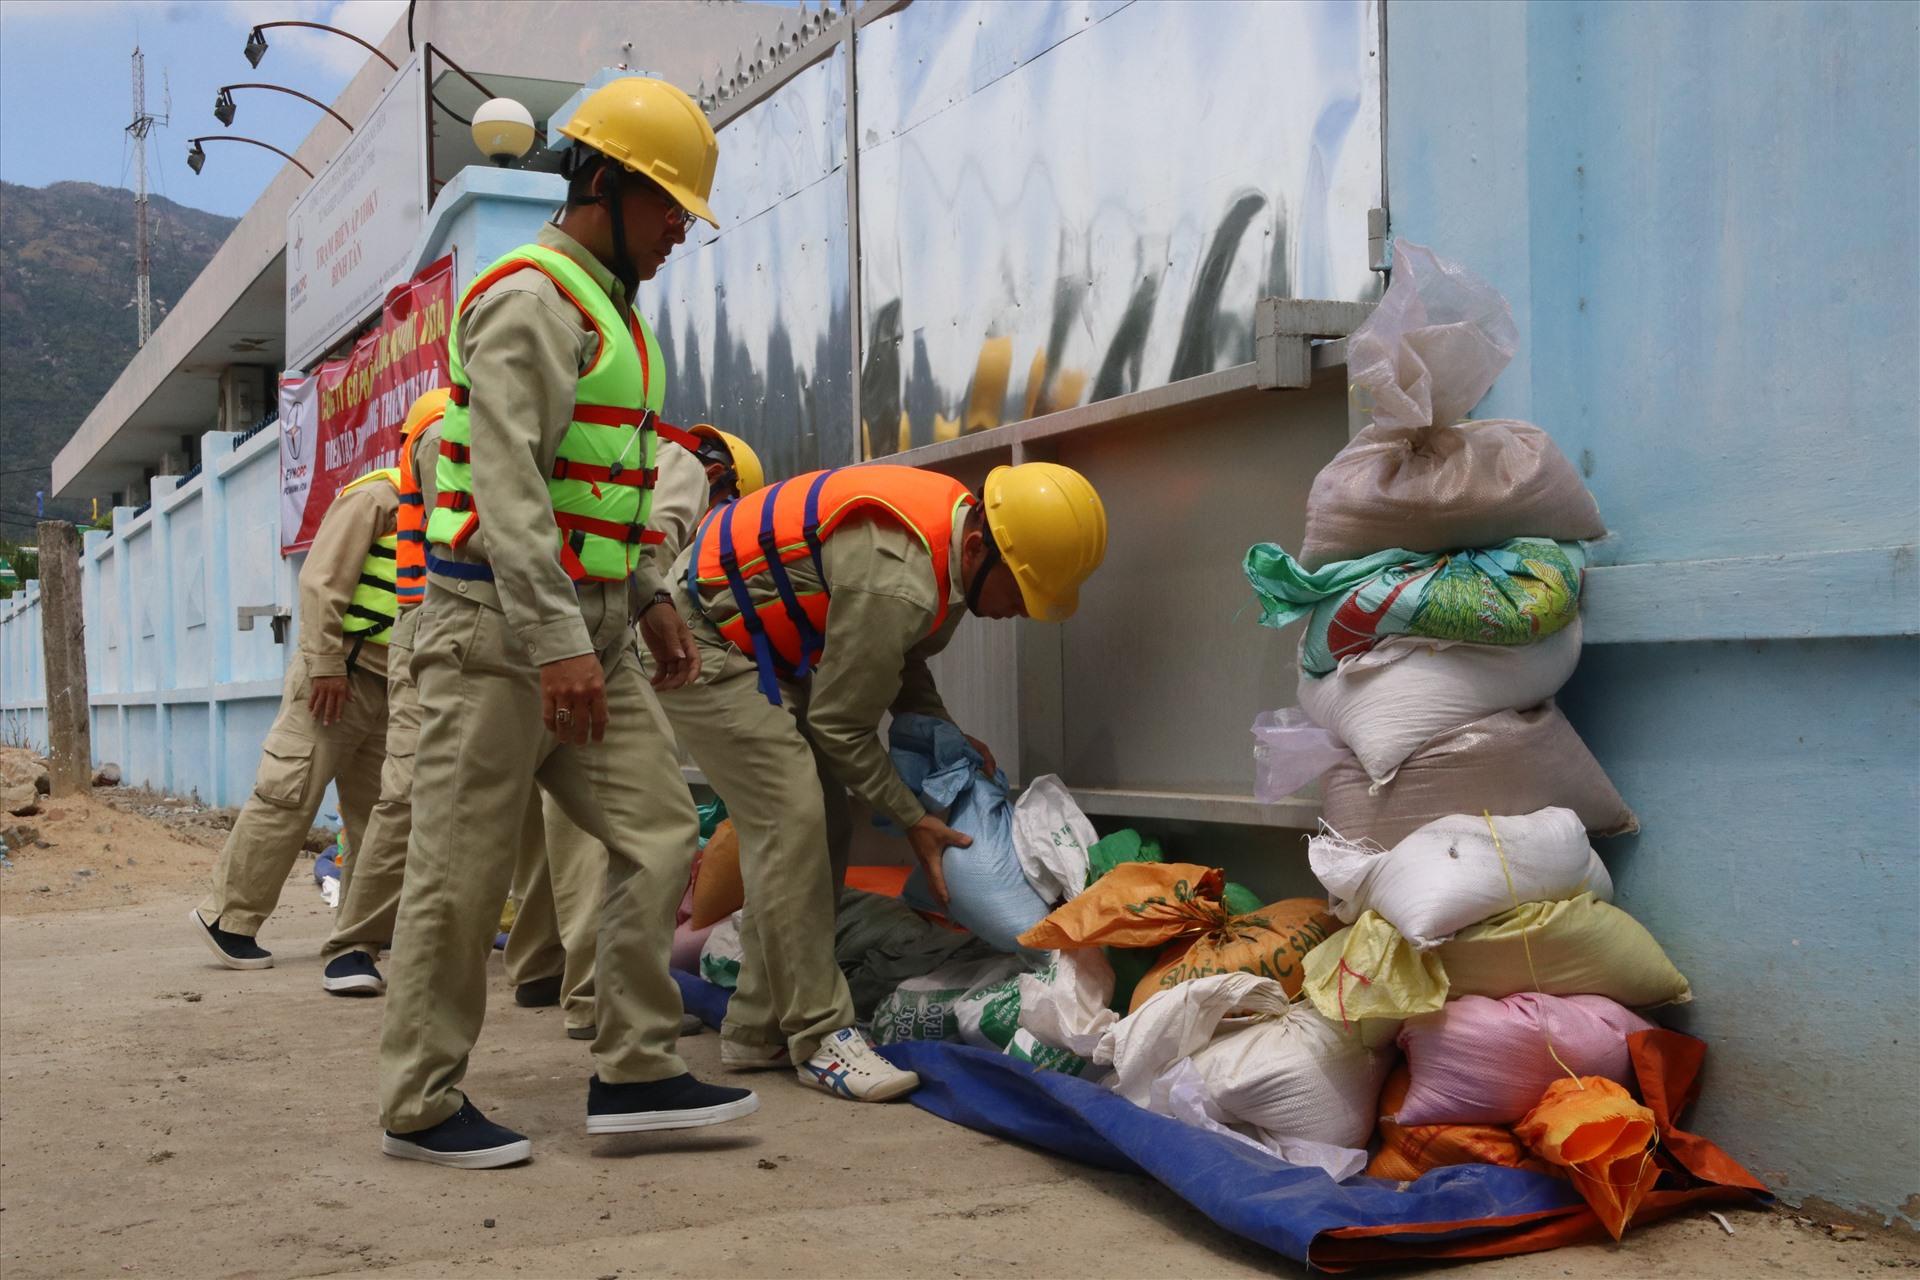 Ngay khi có tin bão ca trực được tái lập tại Trạm TBA 110kV Bình Tân thực hiện ngăn nước, chuẩn bị máy bơm nước không để ngập trạm. Ảnh: Phương Linh